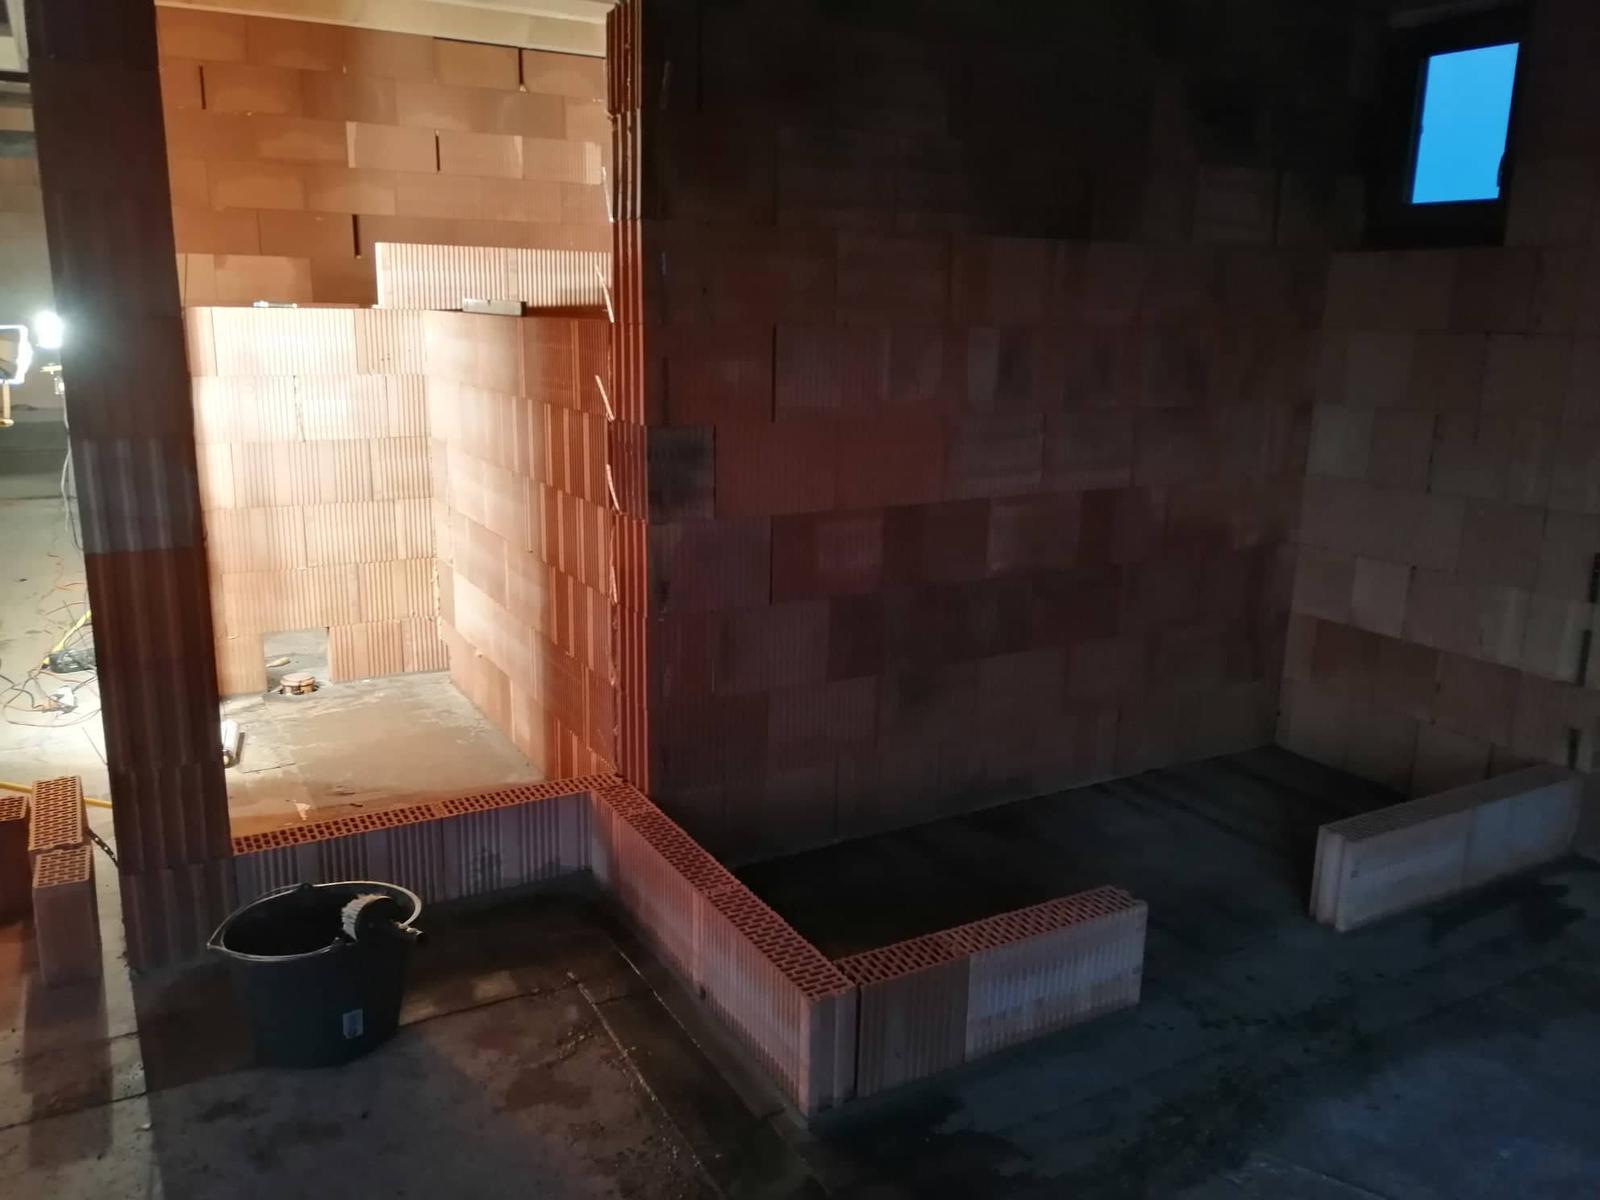 Náš vysněný domov :-) - založená naše pidi špajz :-) a výš vyzděná příčka je záchod